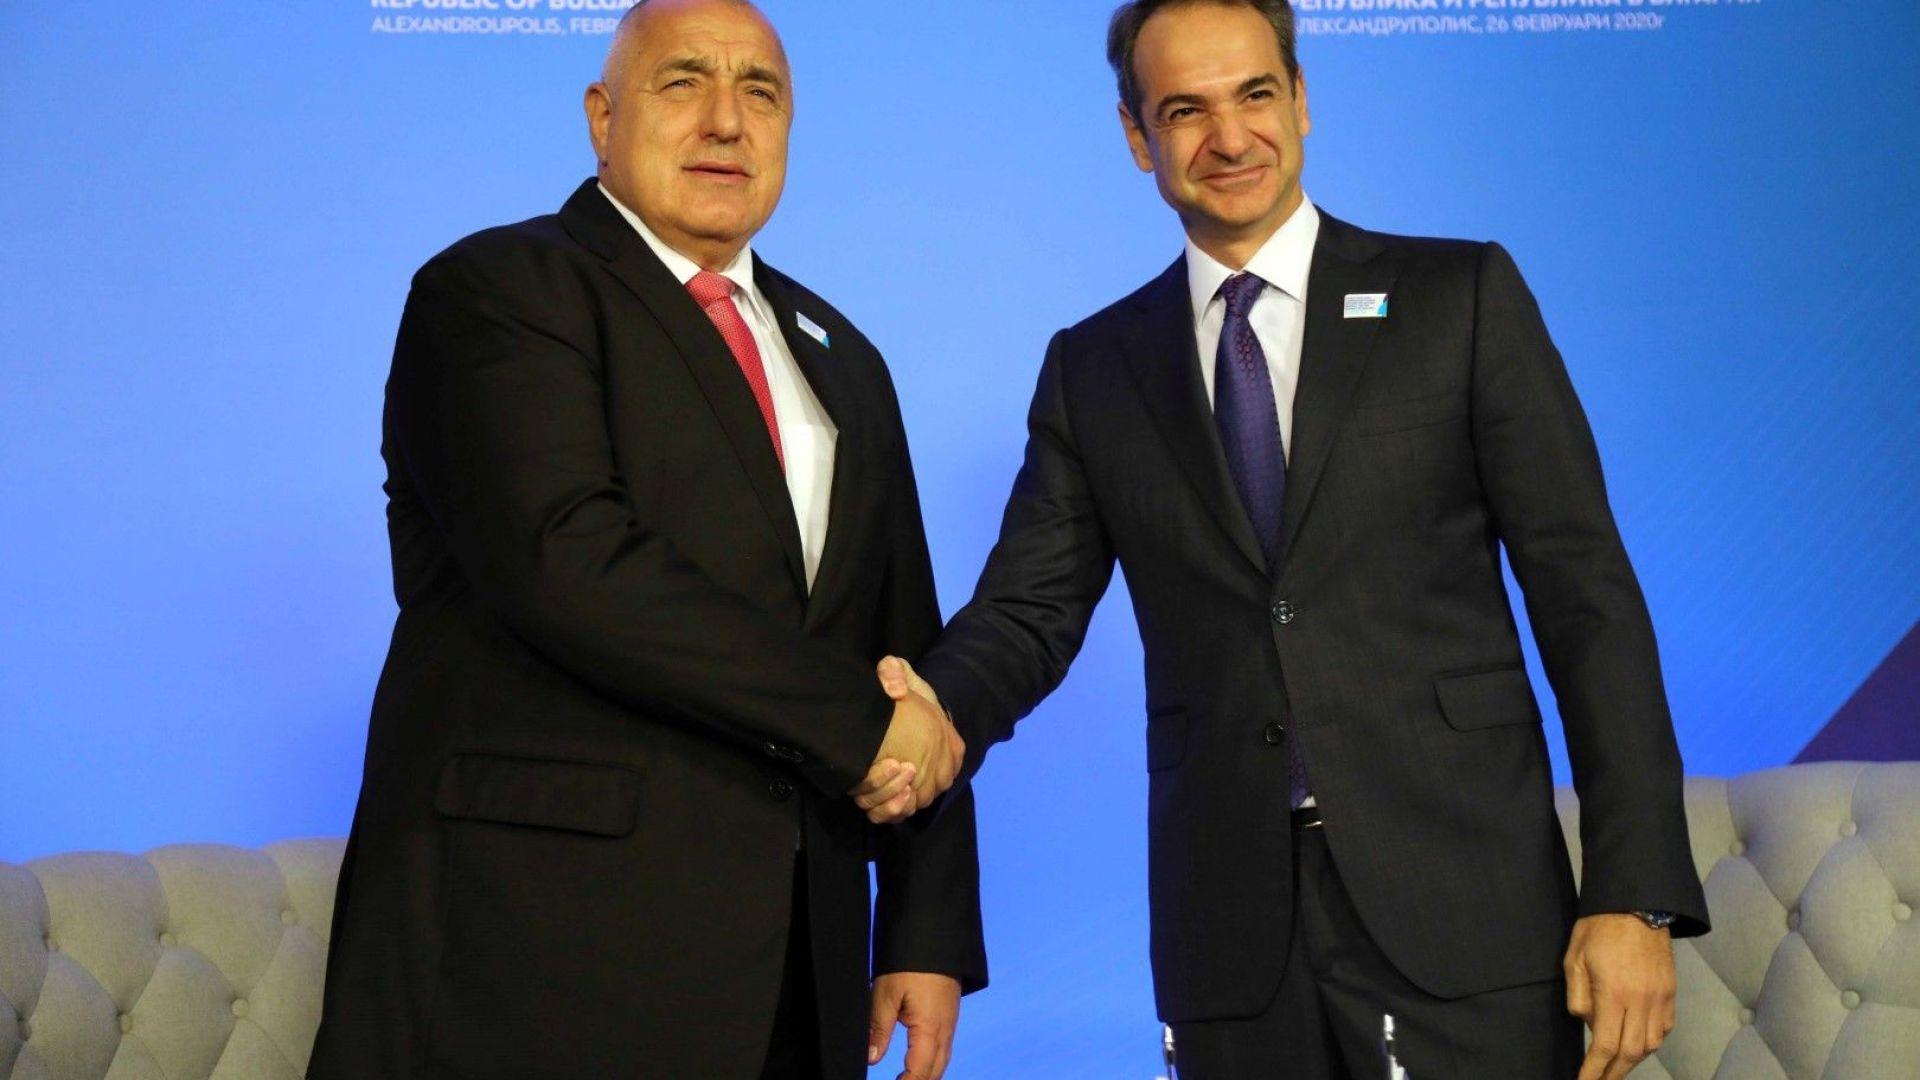 Борисов към Мицотакис: Енергетиката е приоритетен сектор в икономическите ни отношения